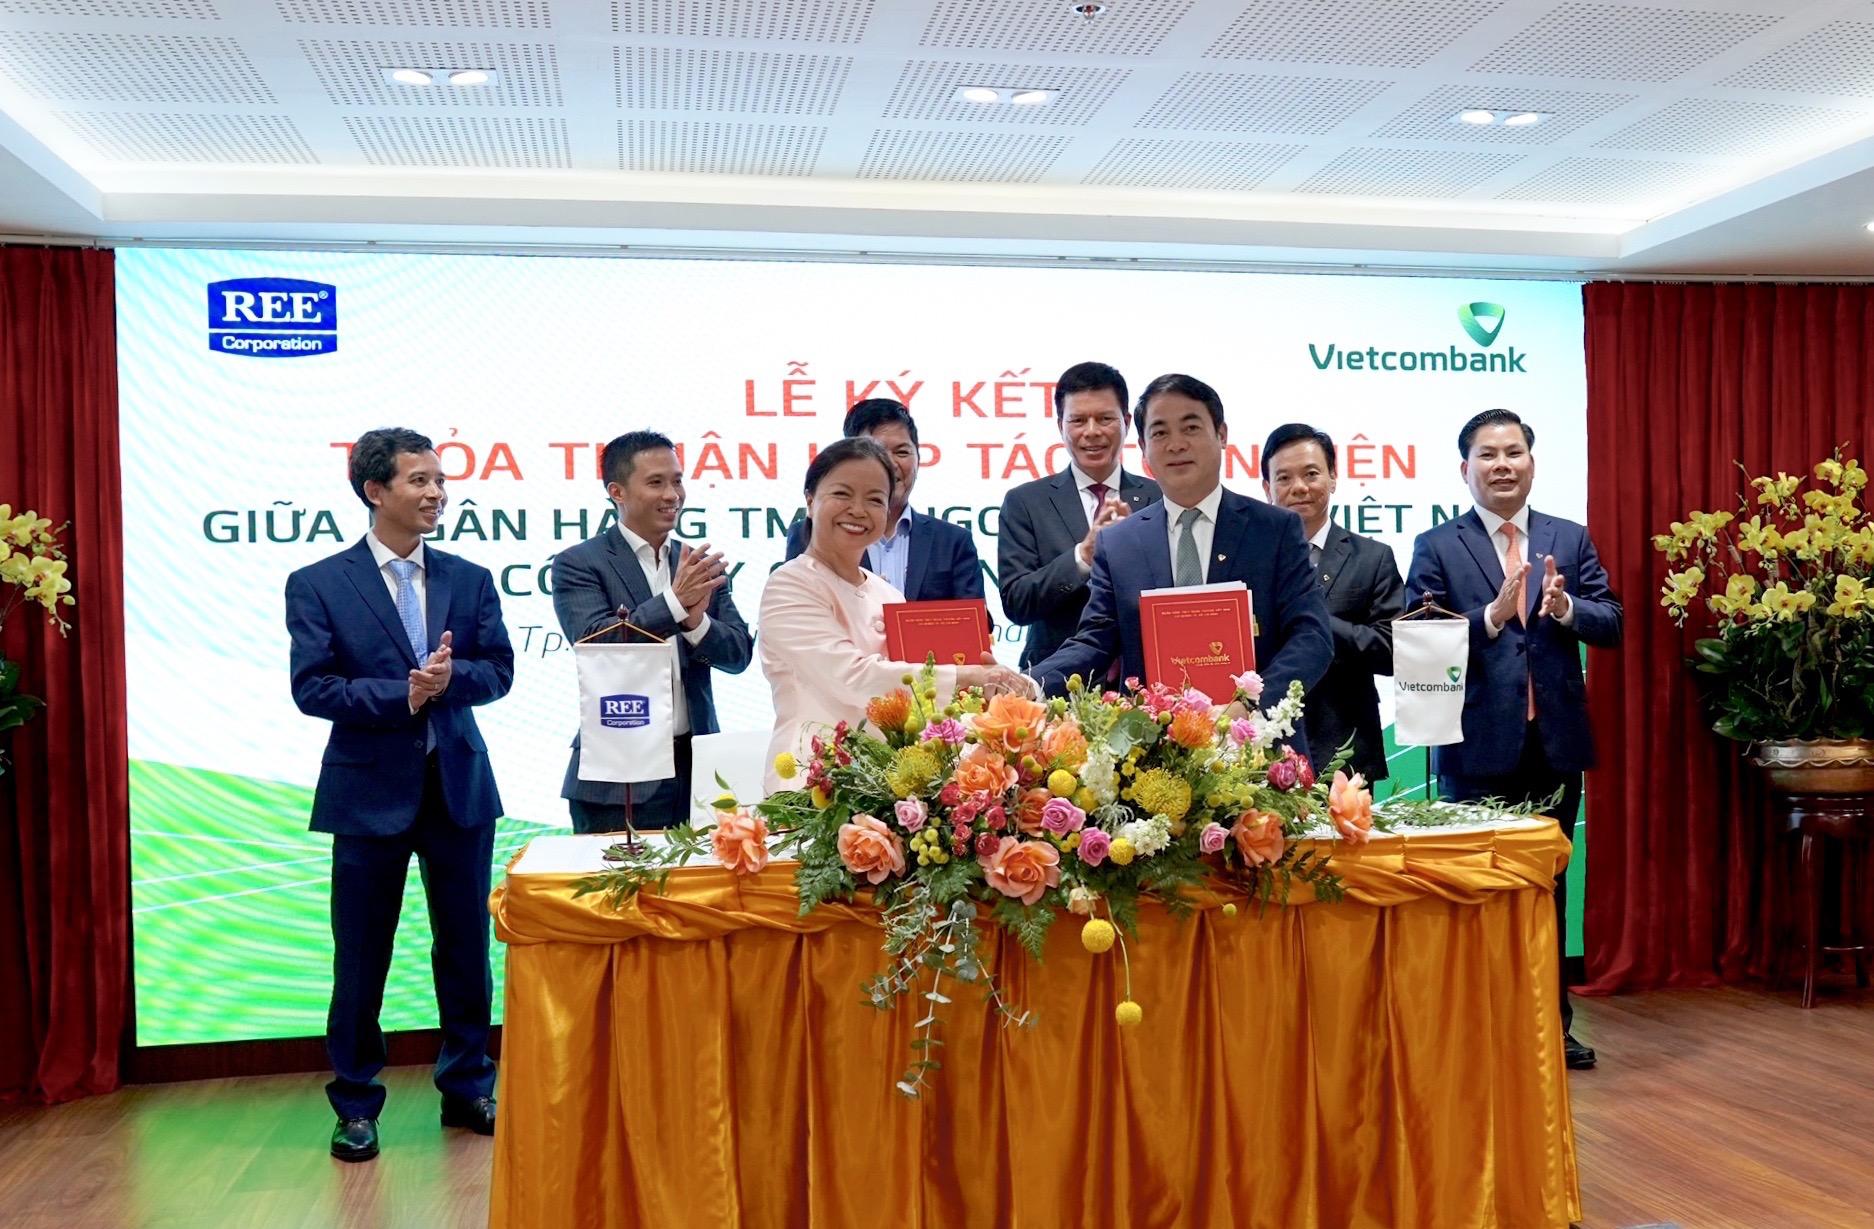 Vietcombank ký kết Thoả thuận Hợp tác toàn diện và Hợp đồng tín dụng tài trợ Dự án nhà máy điện gió số 3 (48MW) tại tỉnh Trà Vinh với Công ty Cổ phần Cơ Điện Lạnh (REE Corporation)